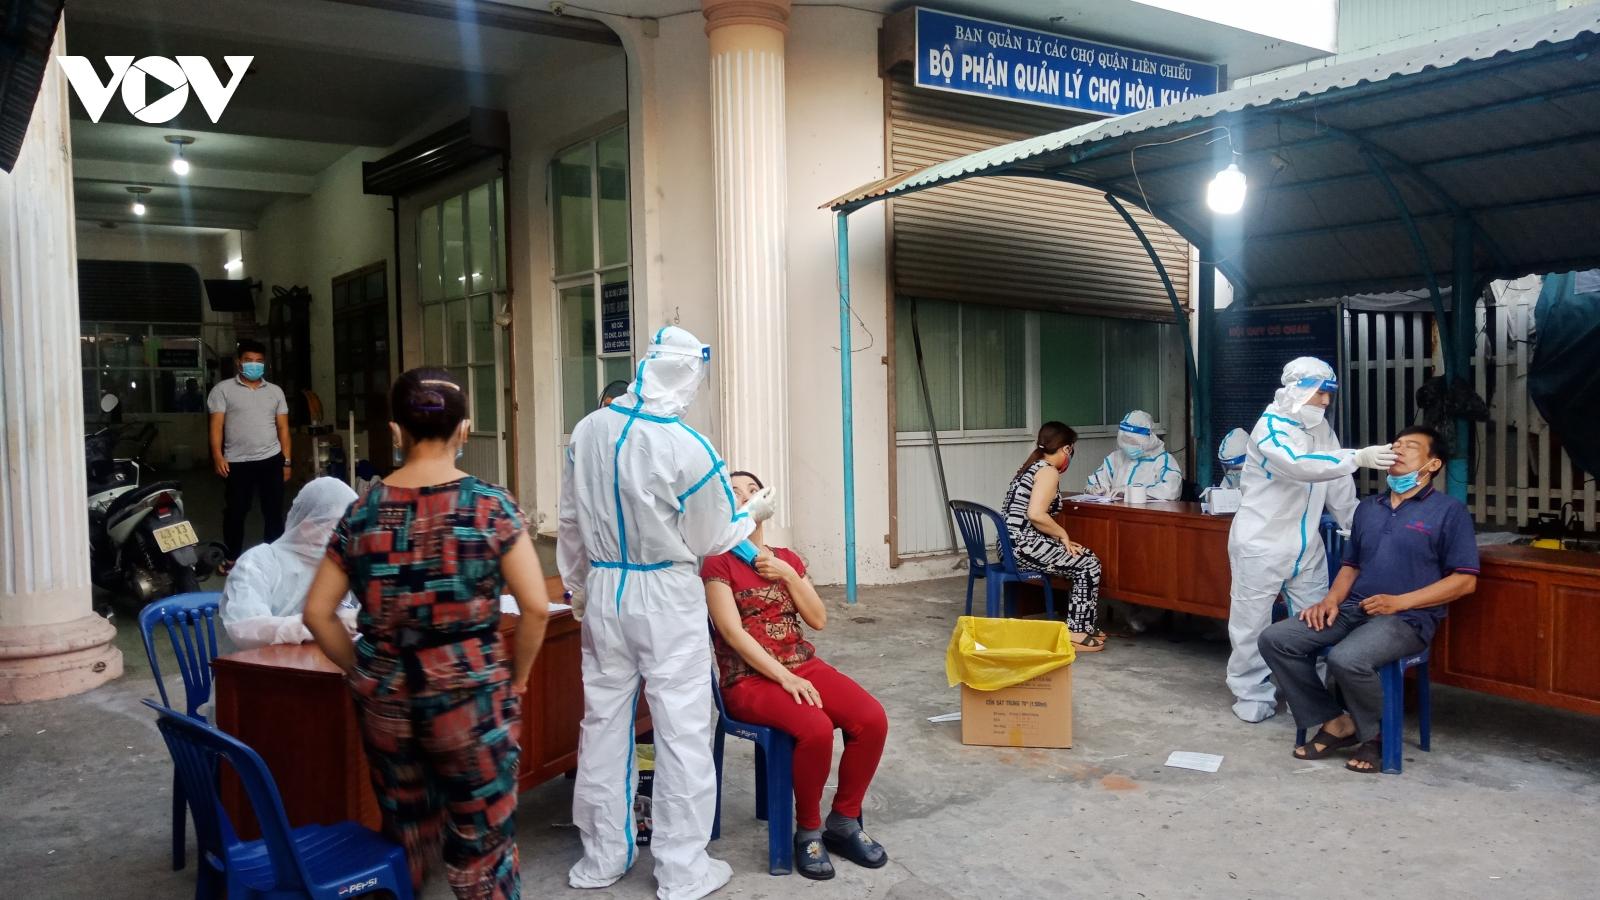 Đà Nẵng xét nghiệm SAR-CoV-2 cho 66.000 hộ gia đình